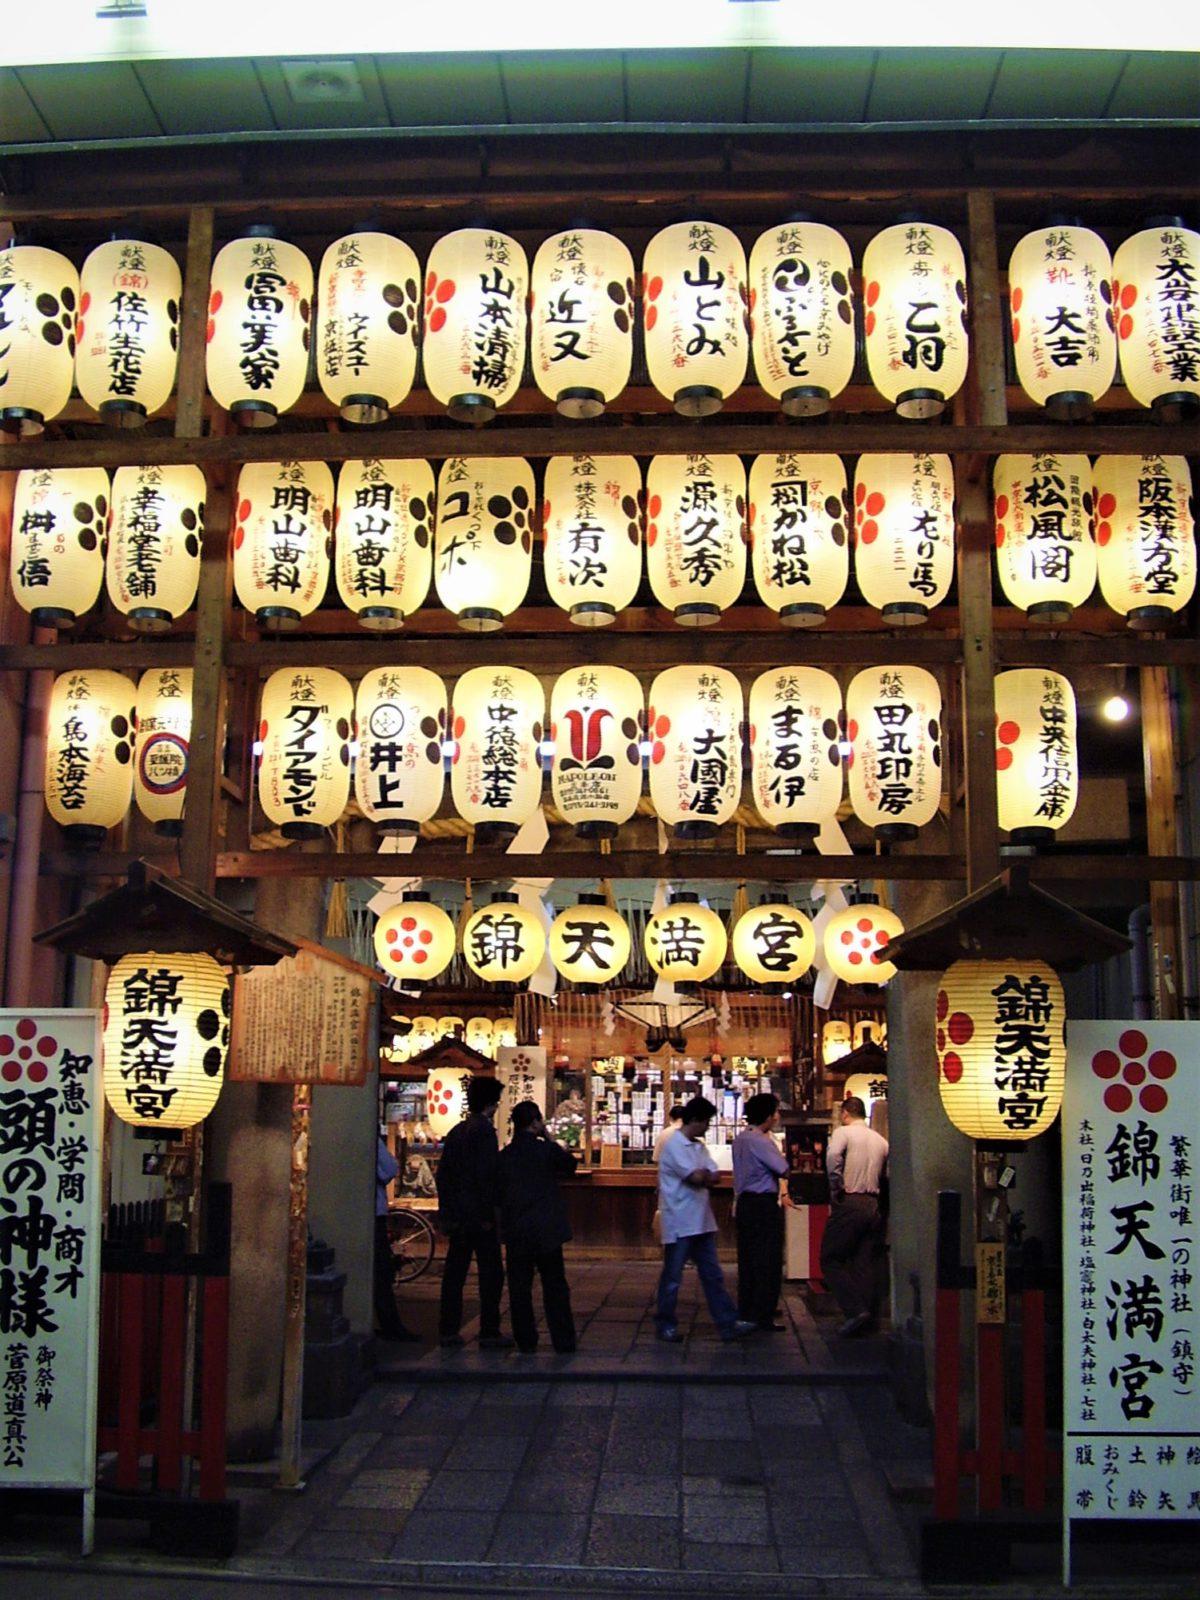 Rozświetlone wieczorem latarnie przywołują czasy, gdy po ulicach Kioto przechadzały się gejsze